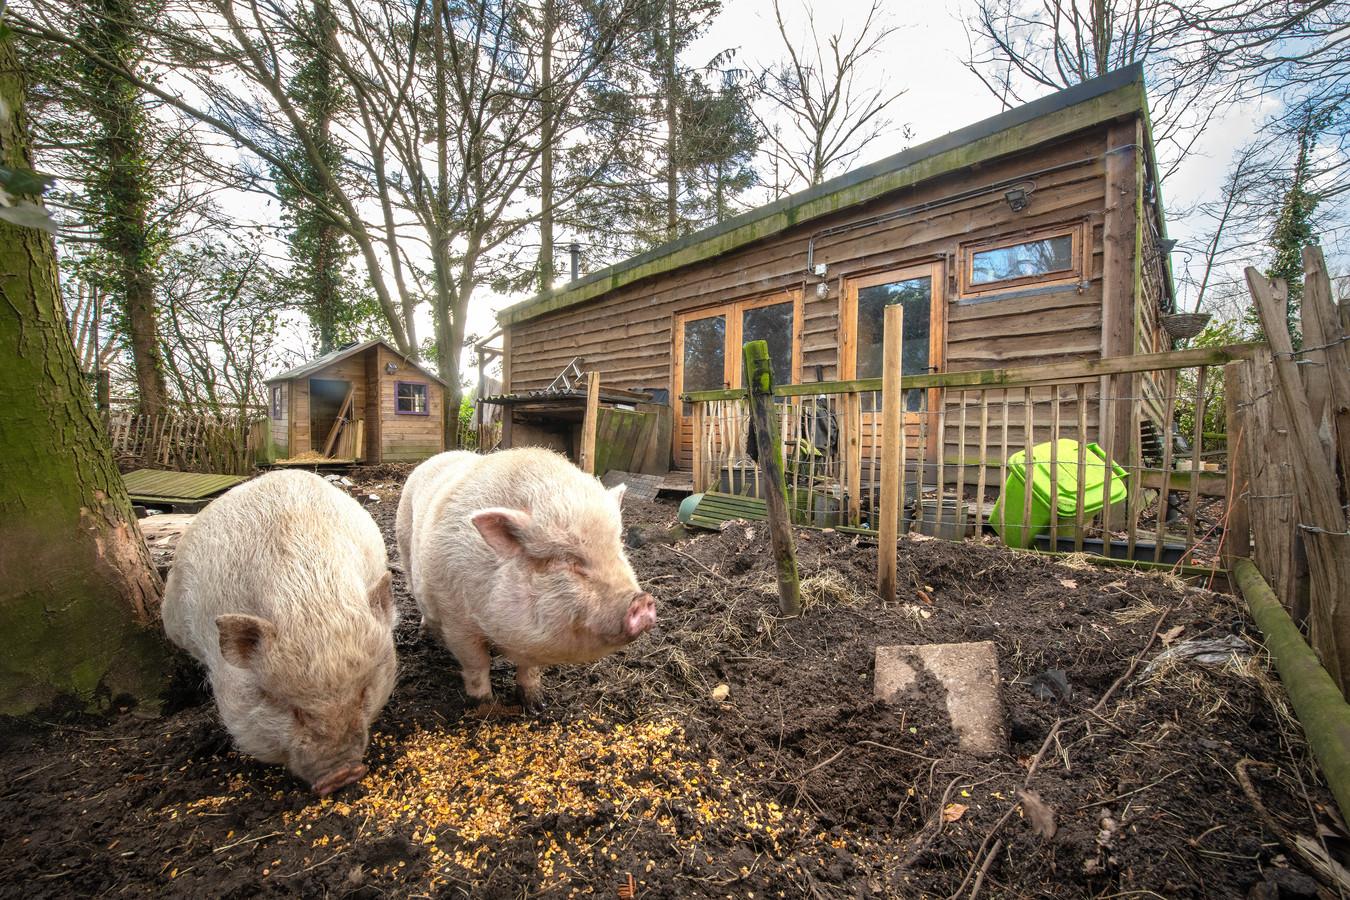 Billy en Betsy hebben het er heerlijk naar de zin. De gemeente vindt echter dat hun paradijsje op het platteland van Beemte-Broekland tegen de vlakte moet.